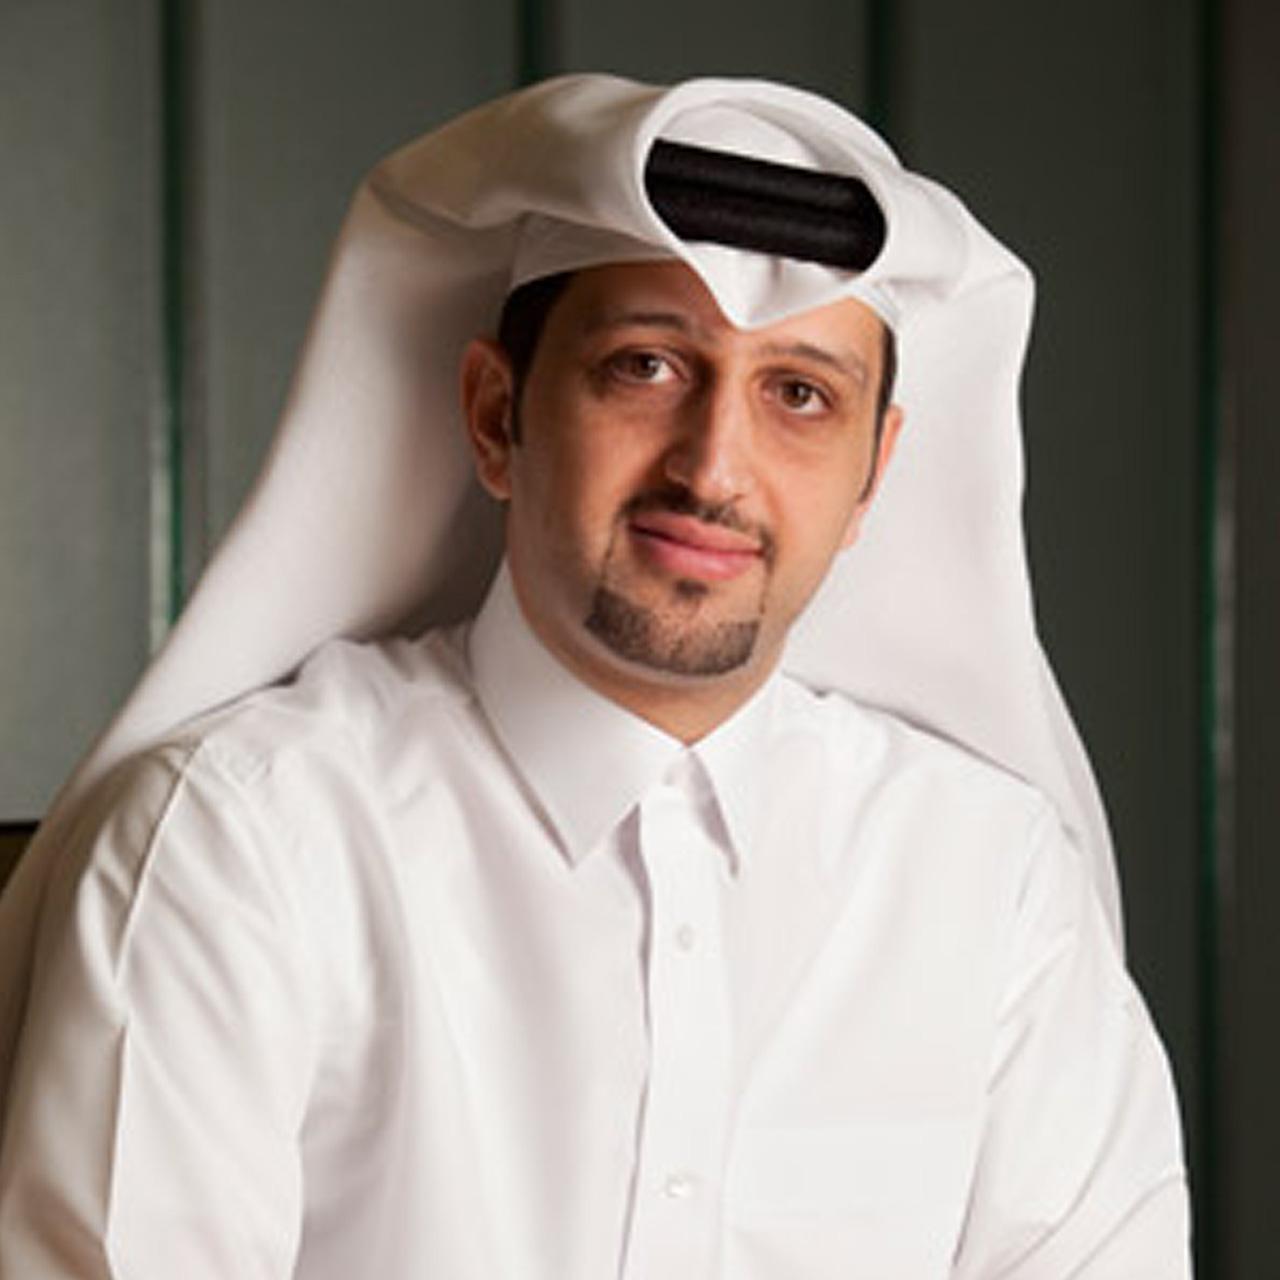 Ahmed Al Said